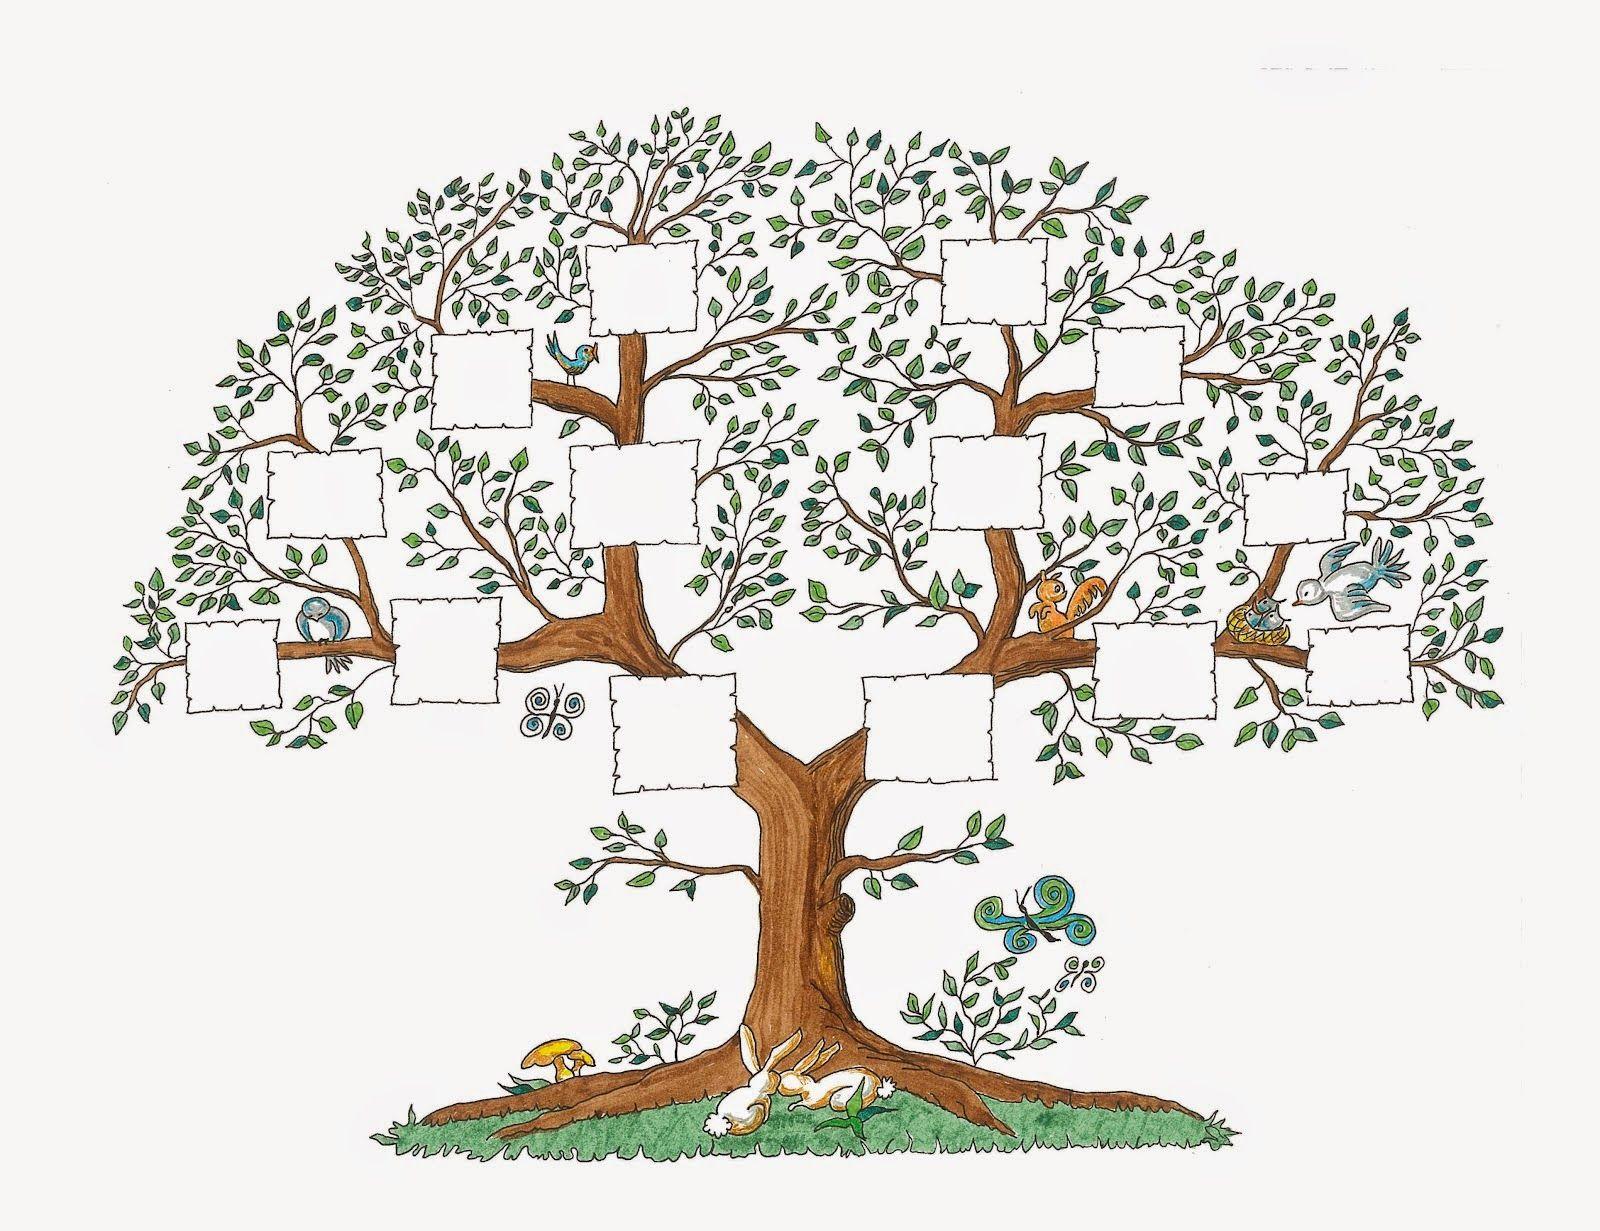 Ejemplos de arboles genealogicos